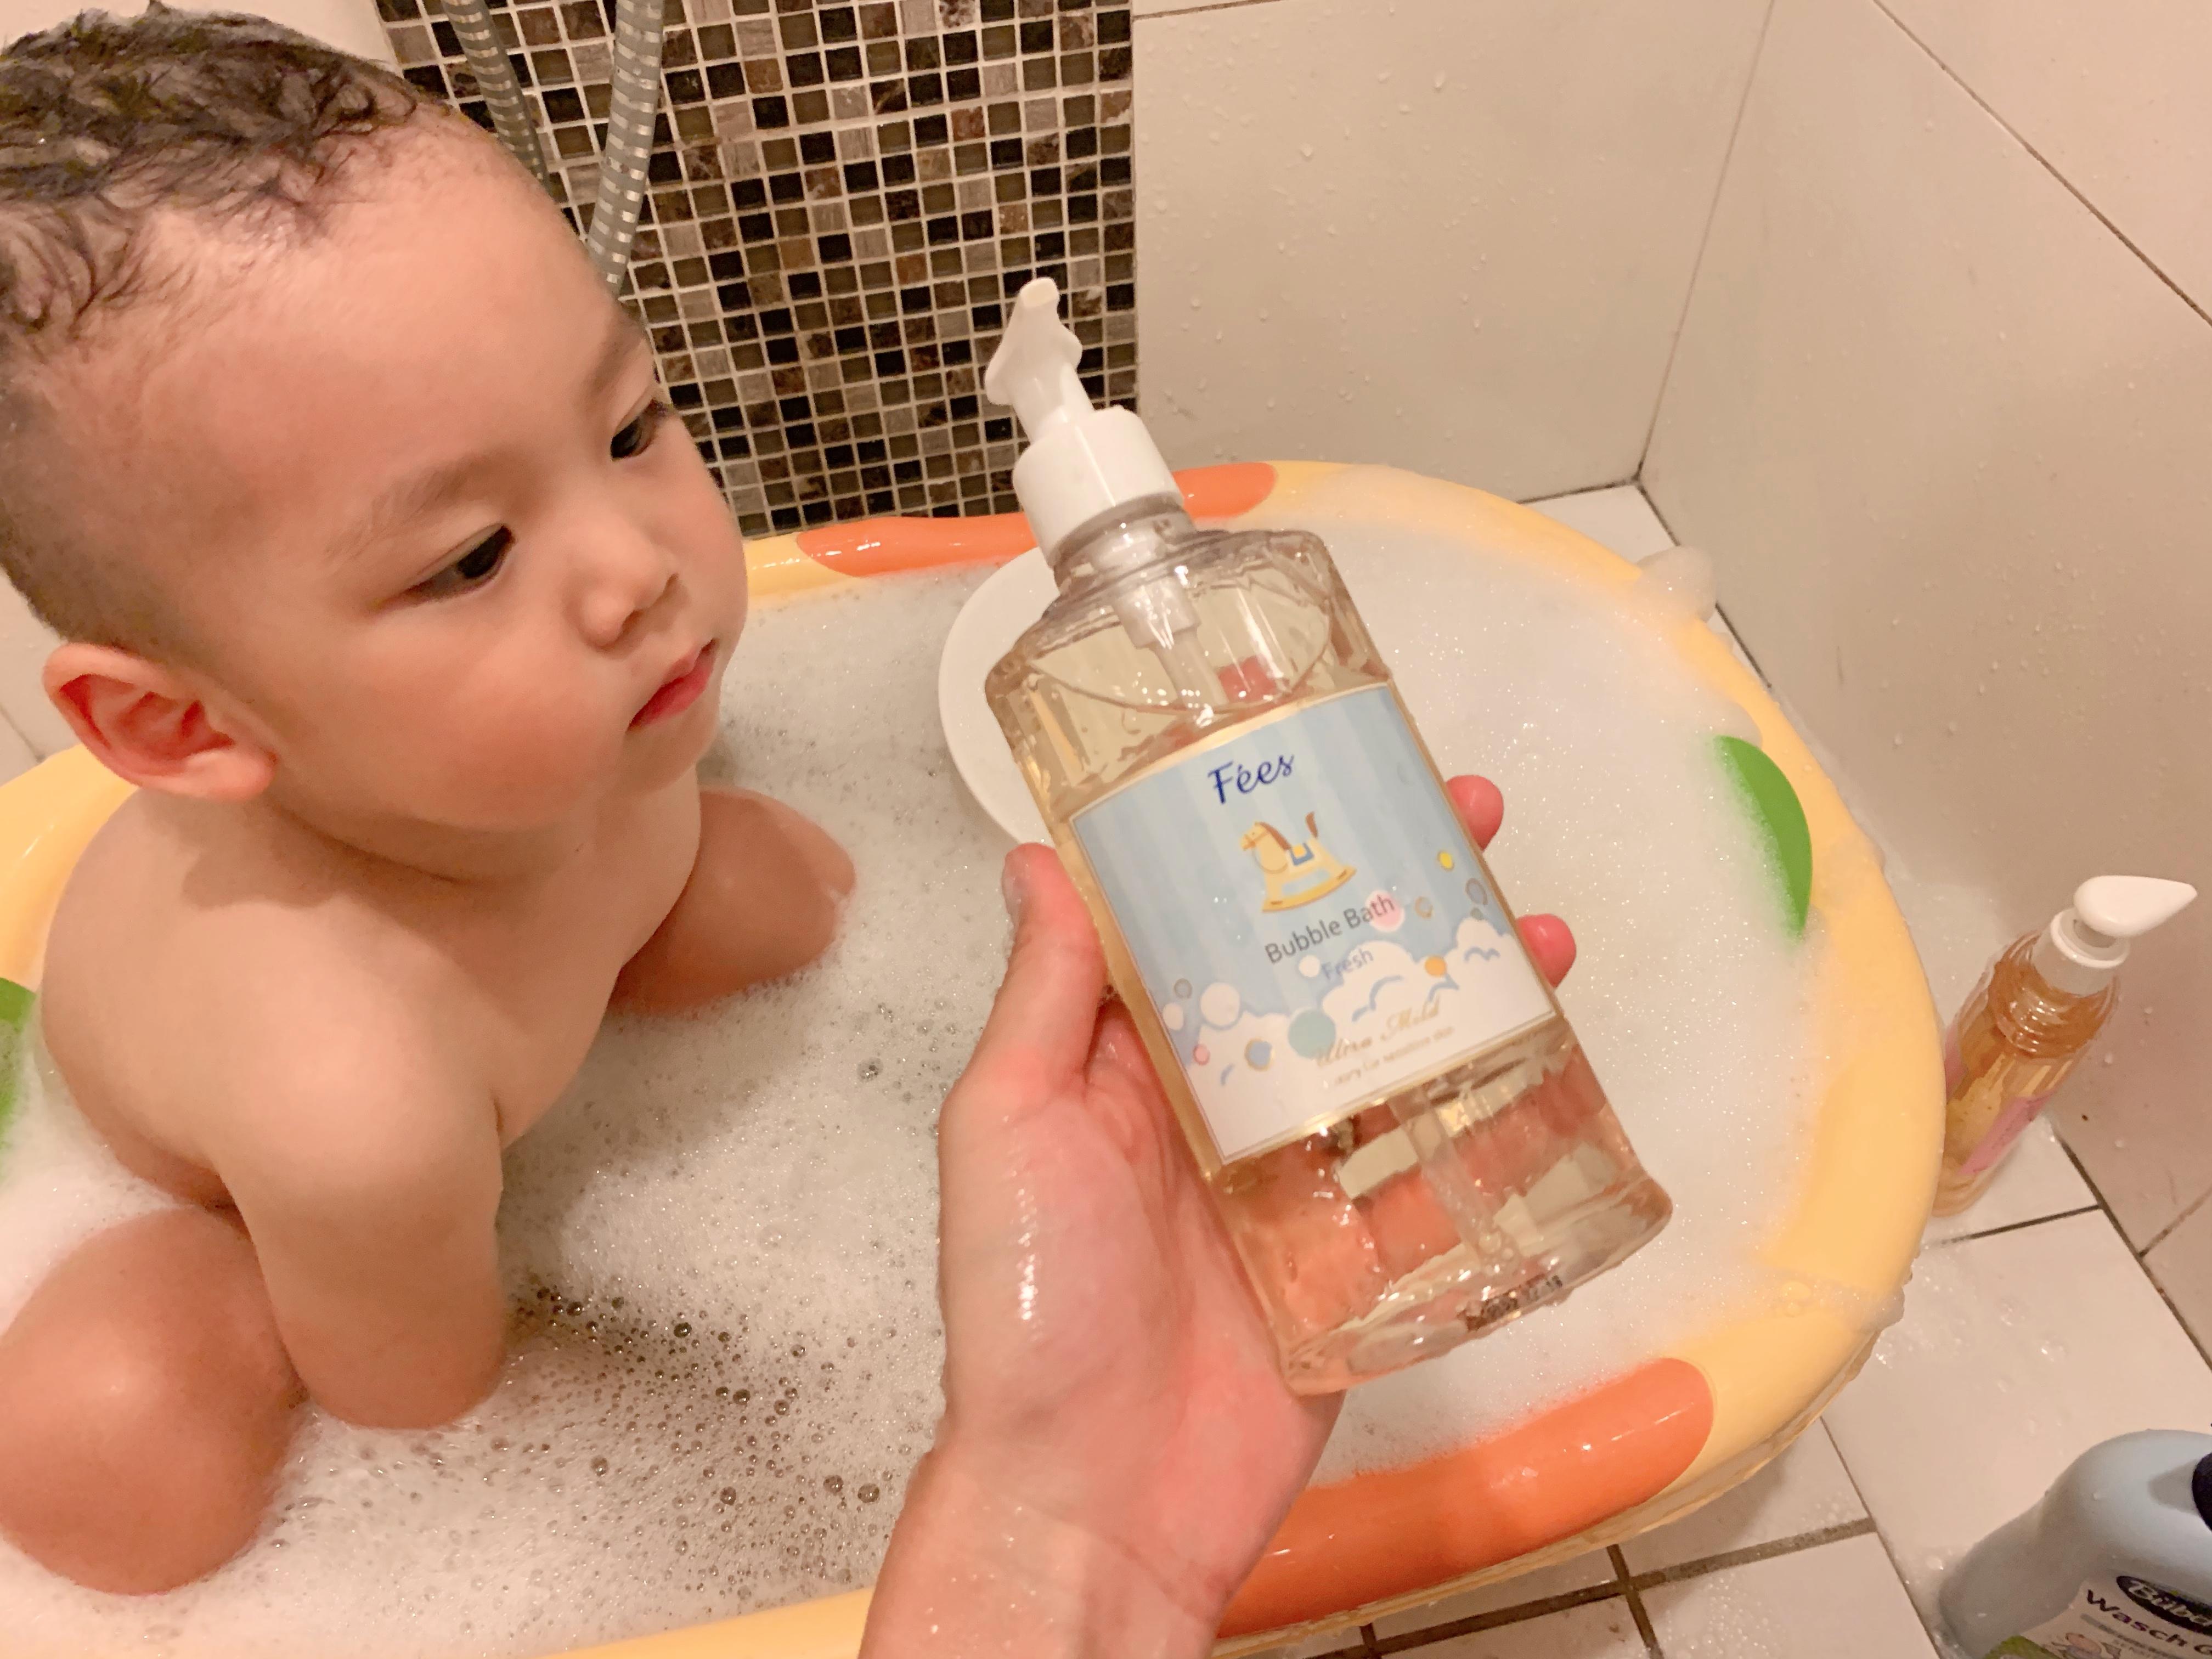 嬰兒 皮膚